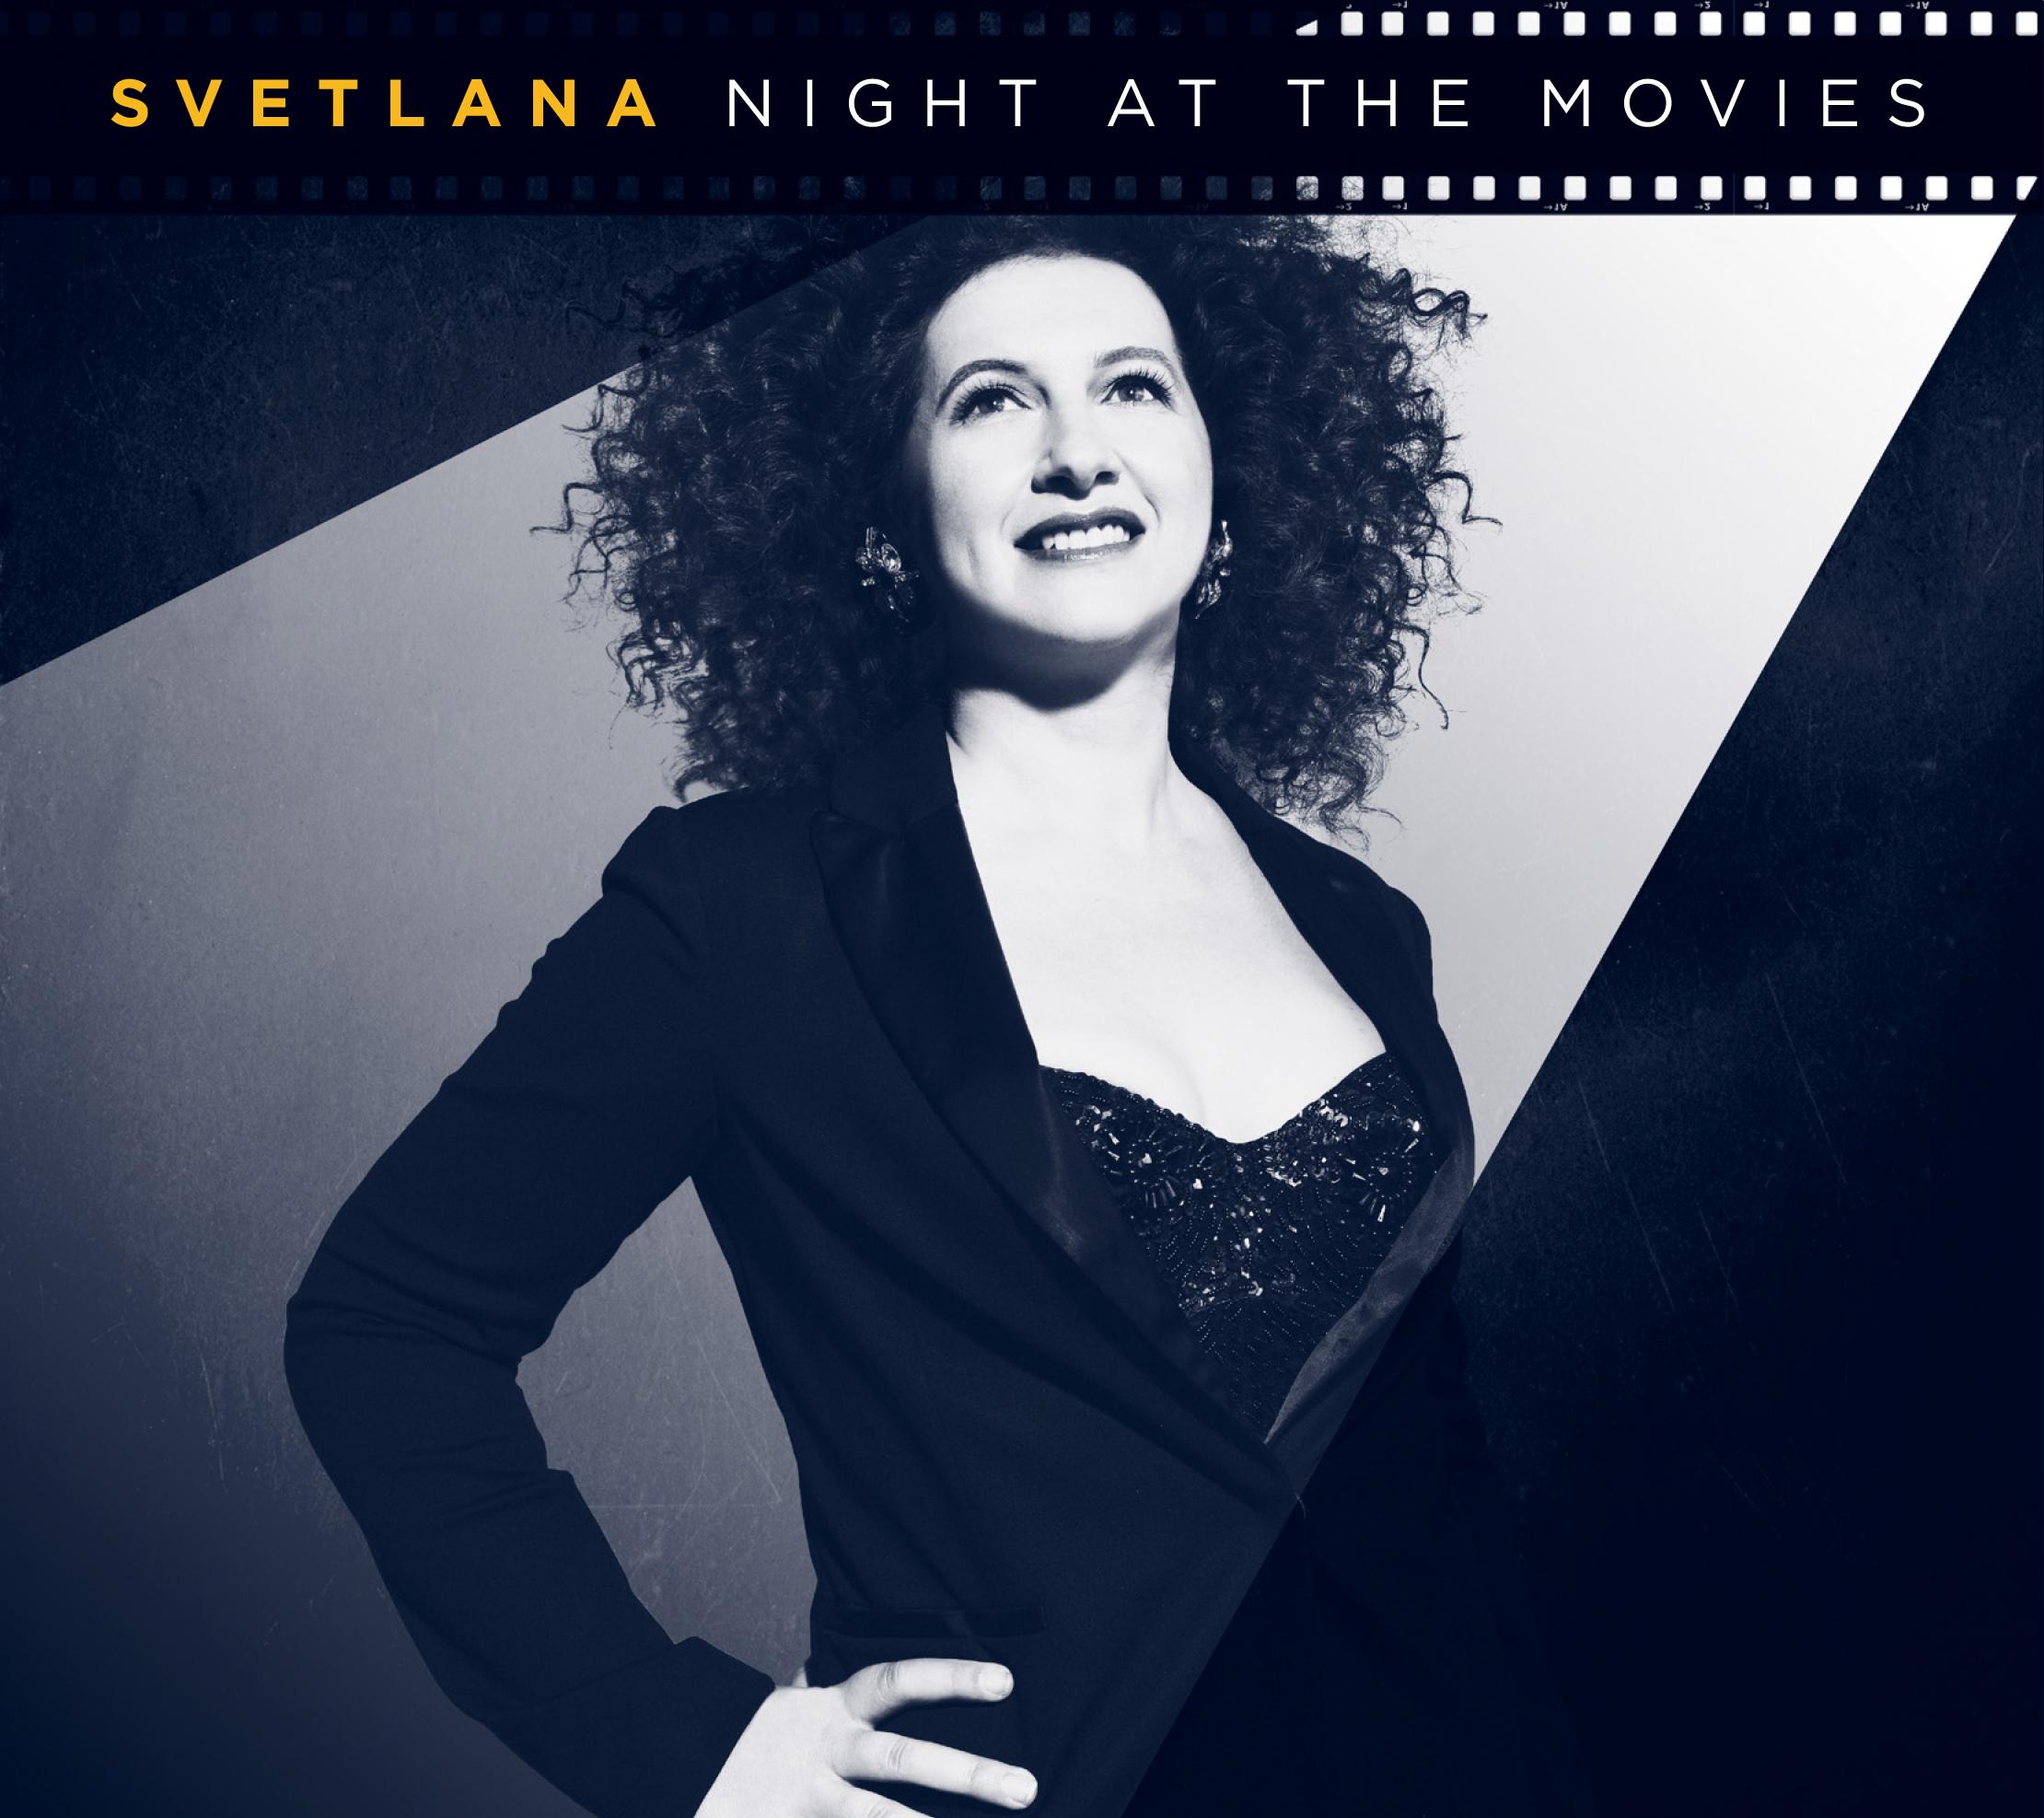 """VIDEO PREMIERE: Svetlana's """"Cheek to Cheek"""" featuring Wycliffe Gordon Premieres on JazzTimes"""